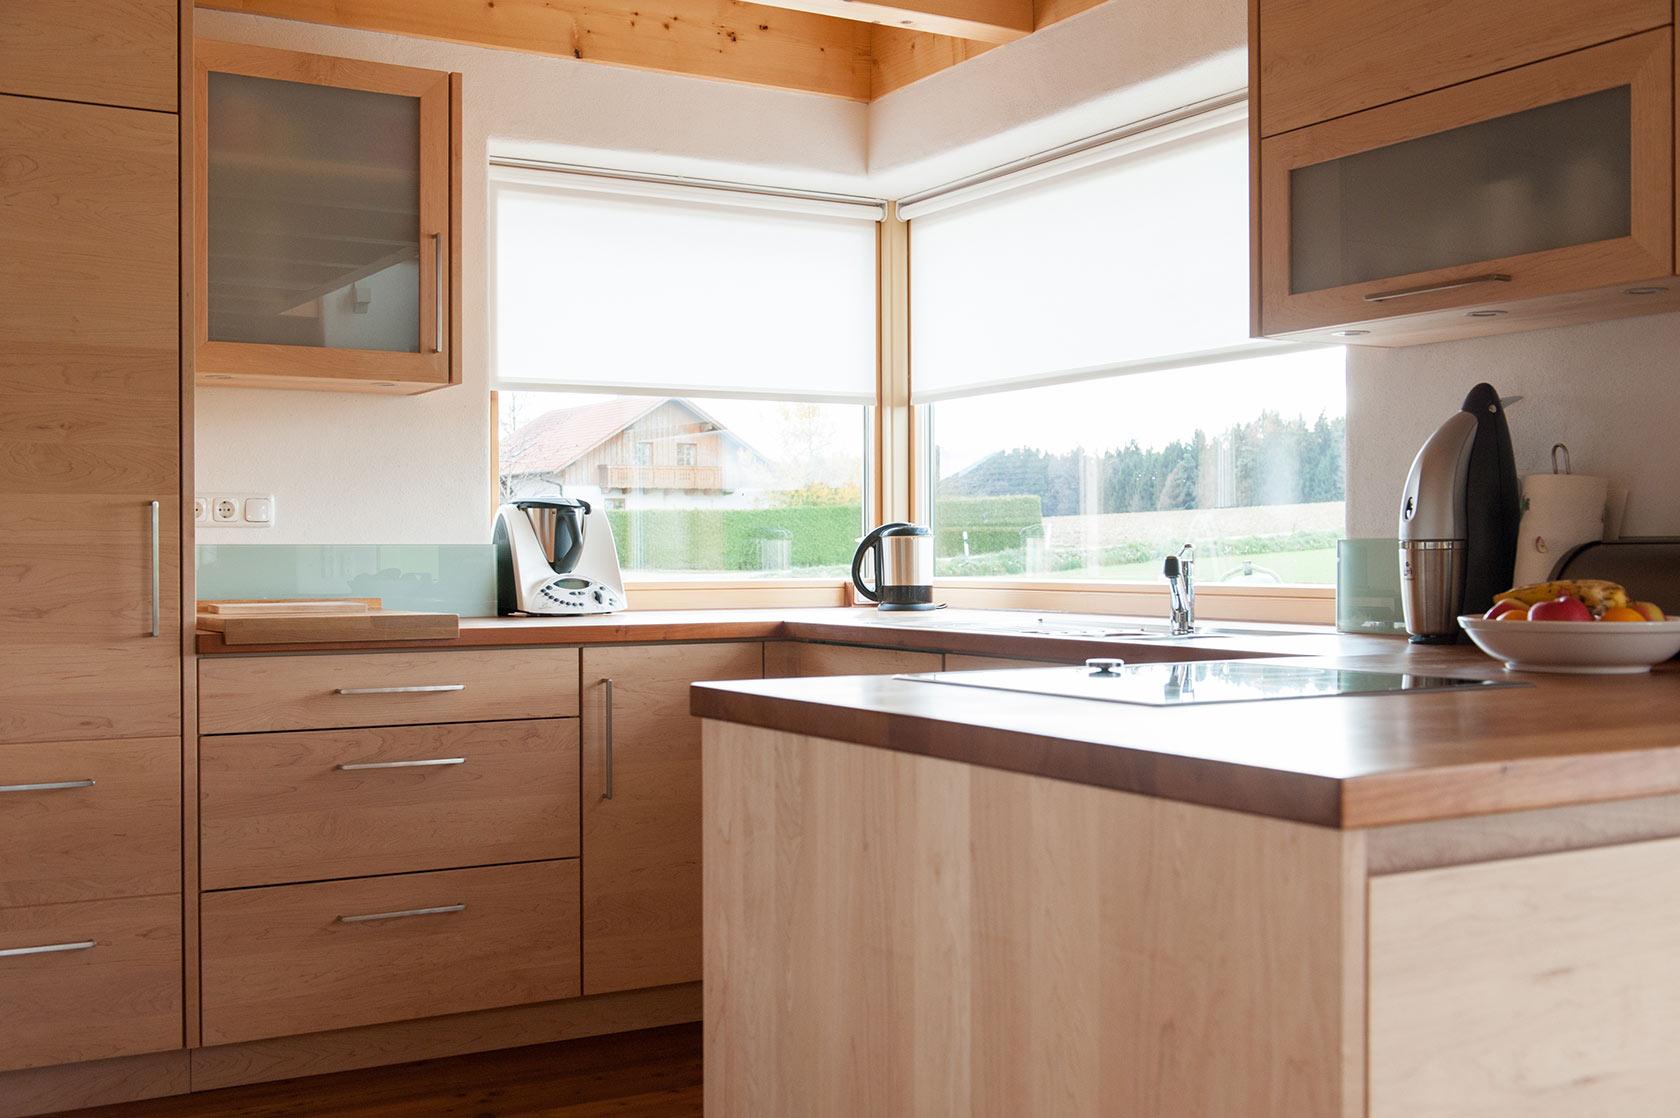 Kuche ahorn beste inspiration fur ihr interior design for Küche ahorn